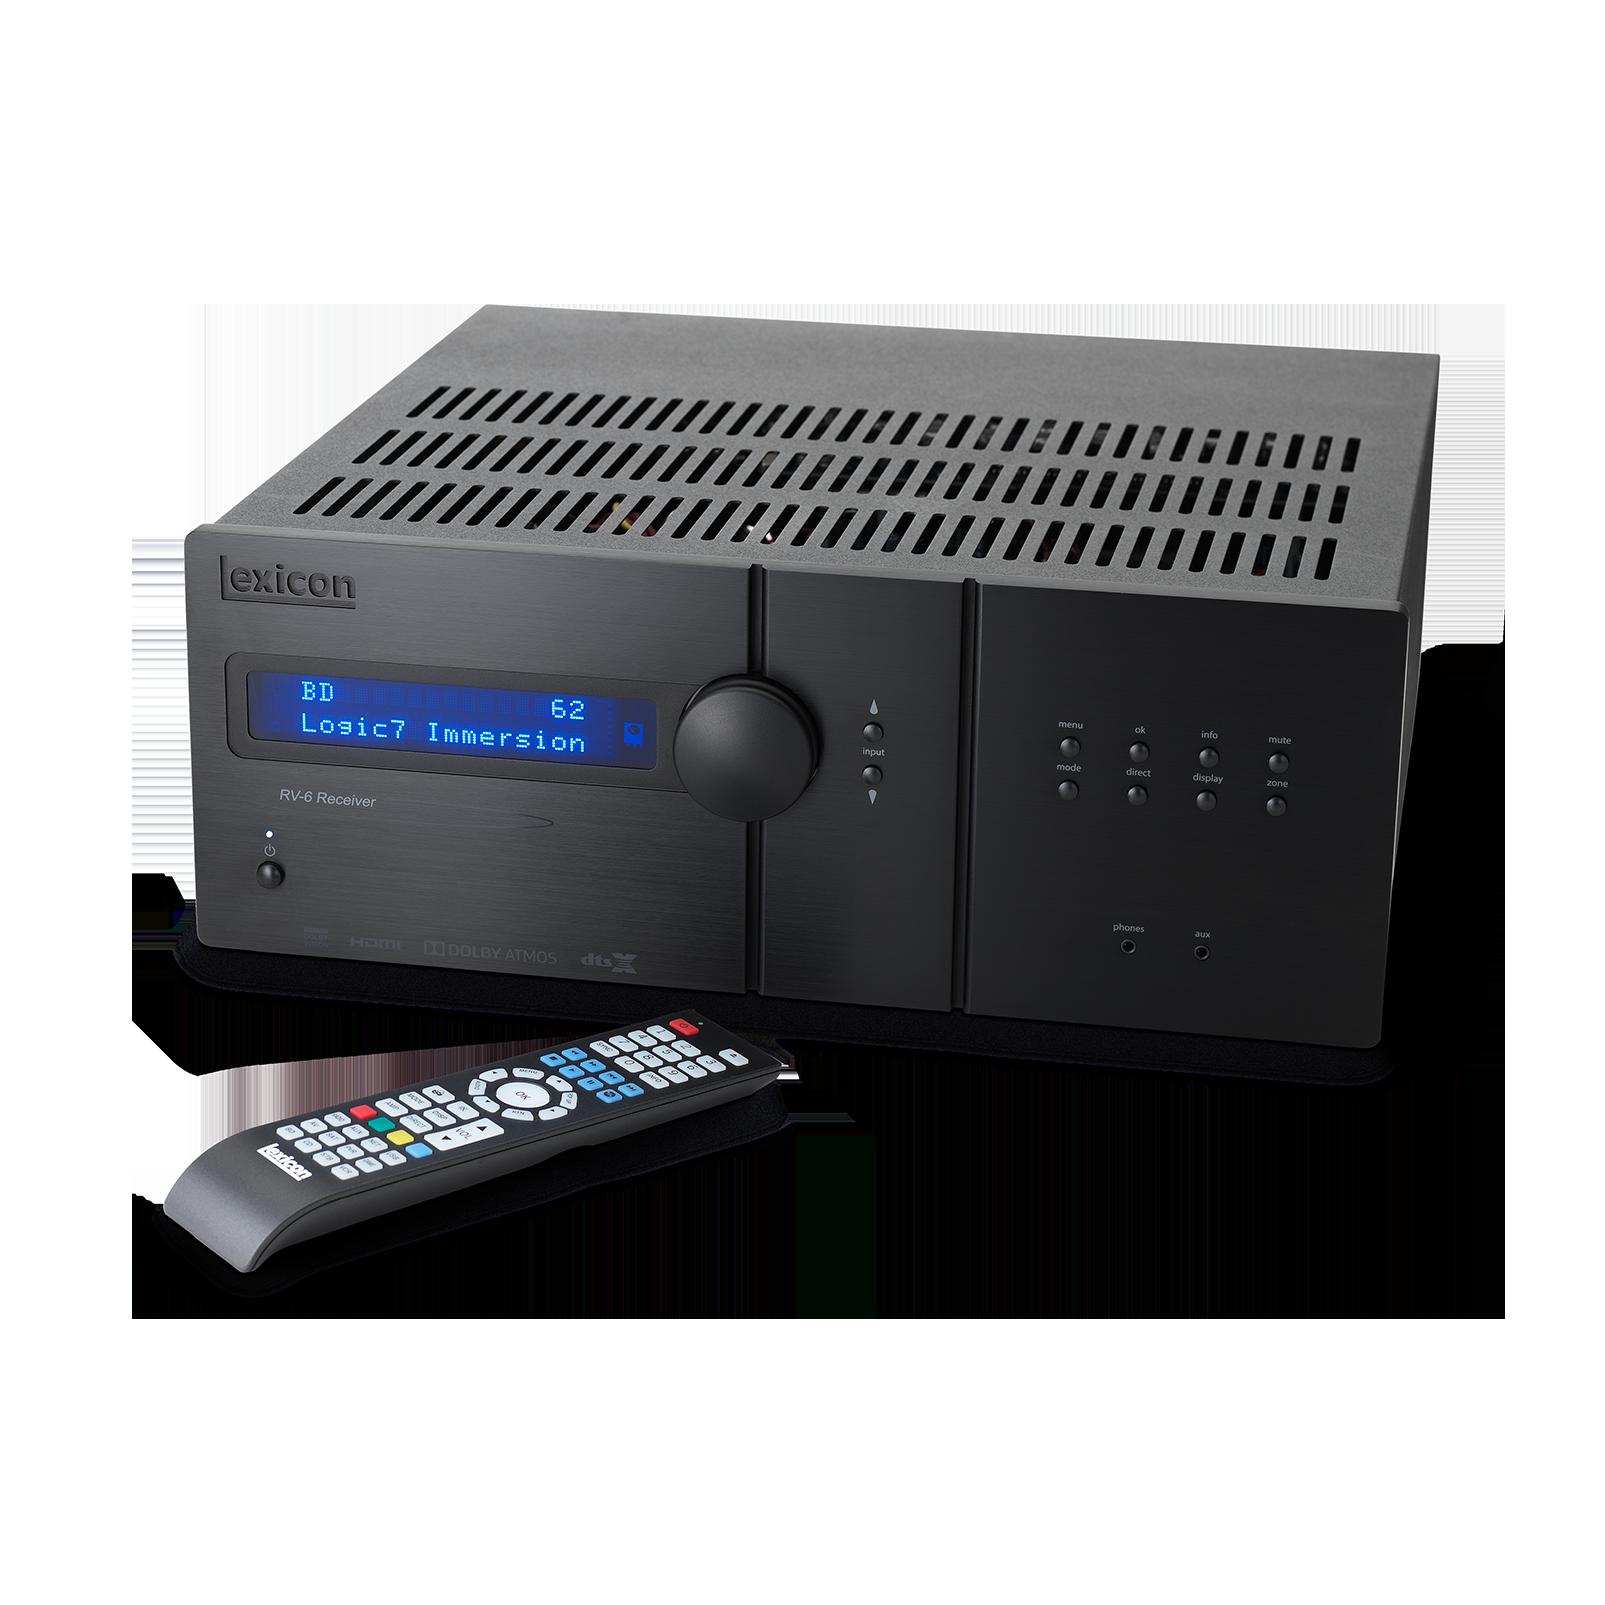 Lexicon RV-6 - Black - Immersive Surround Sound Receiver - Detailshot 1